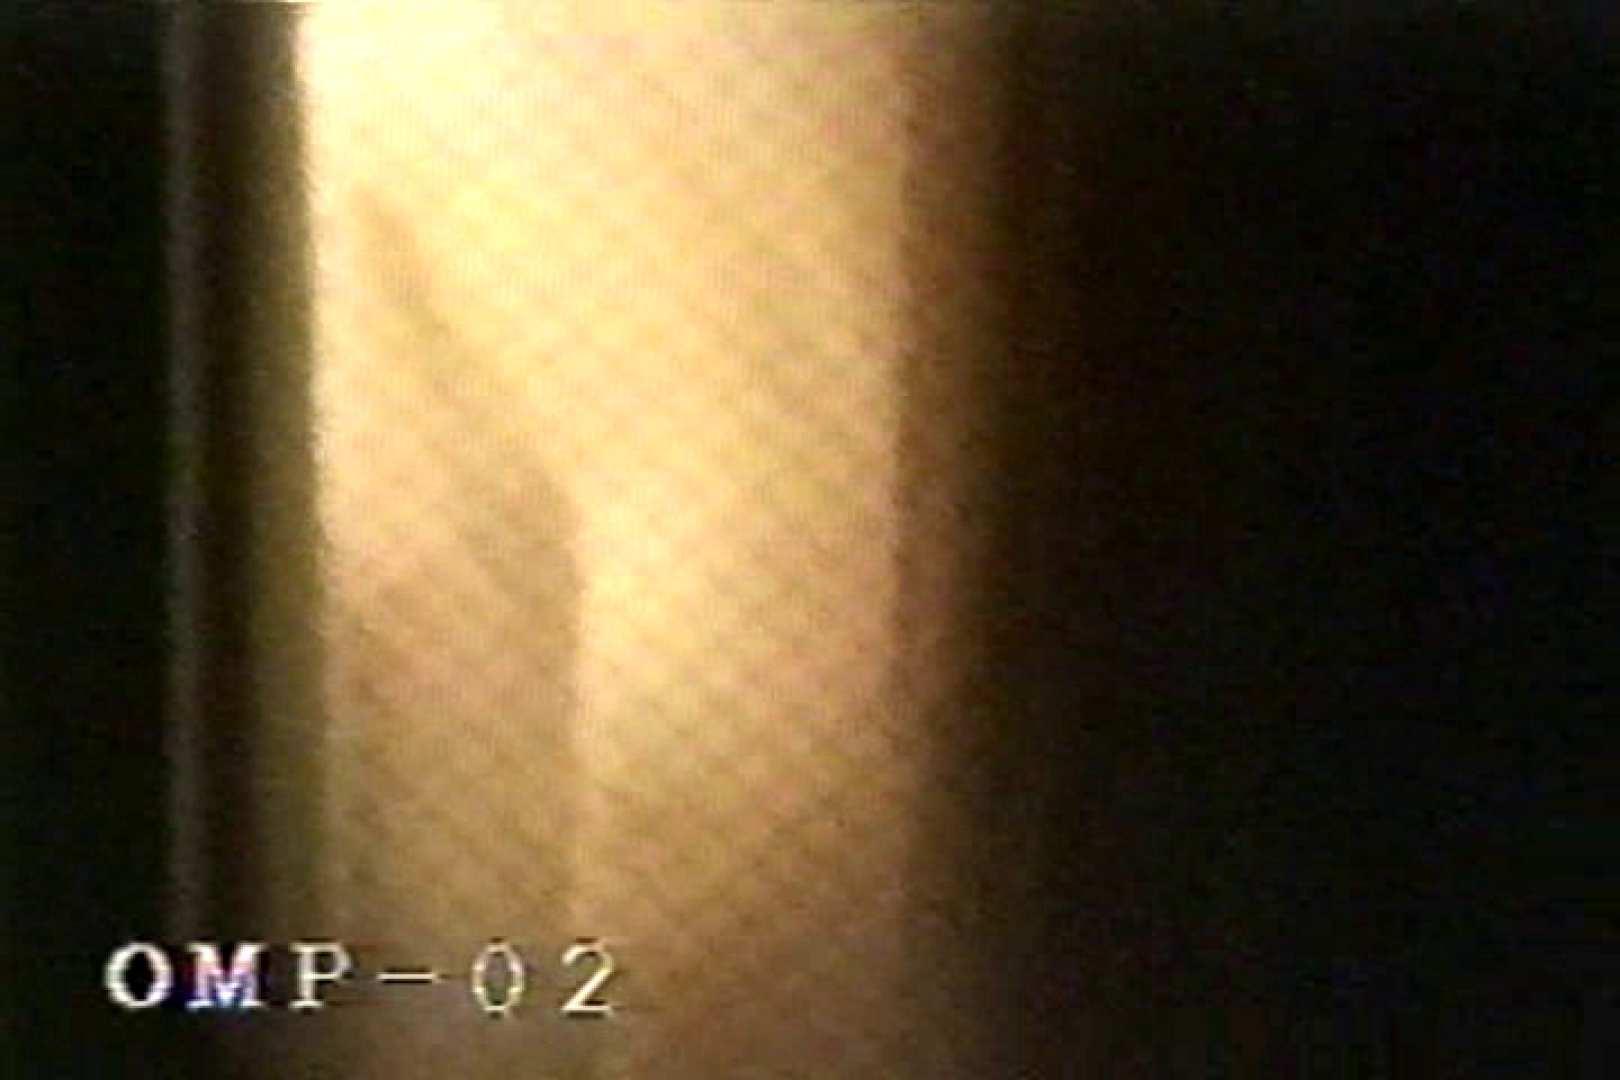 究極の民家覗き撮りVol.2 望遠 覗きオメコ動画キャプチャ 50pic 13